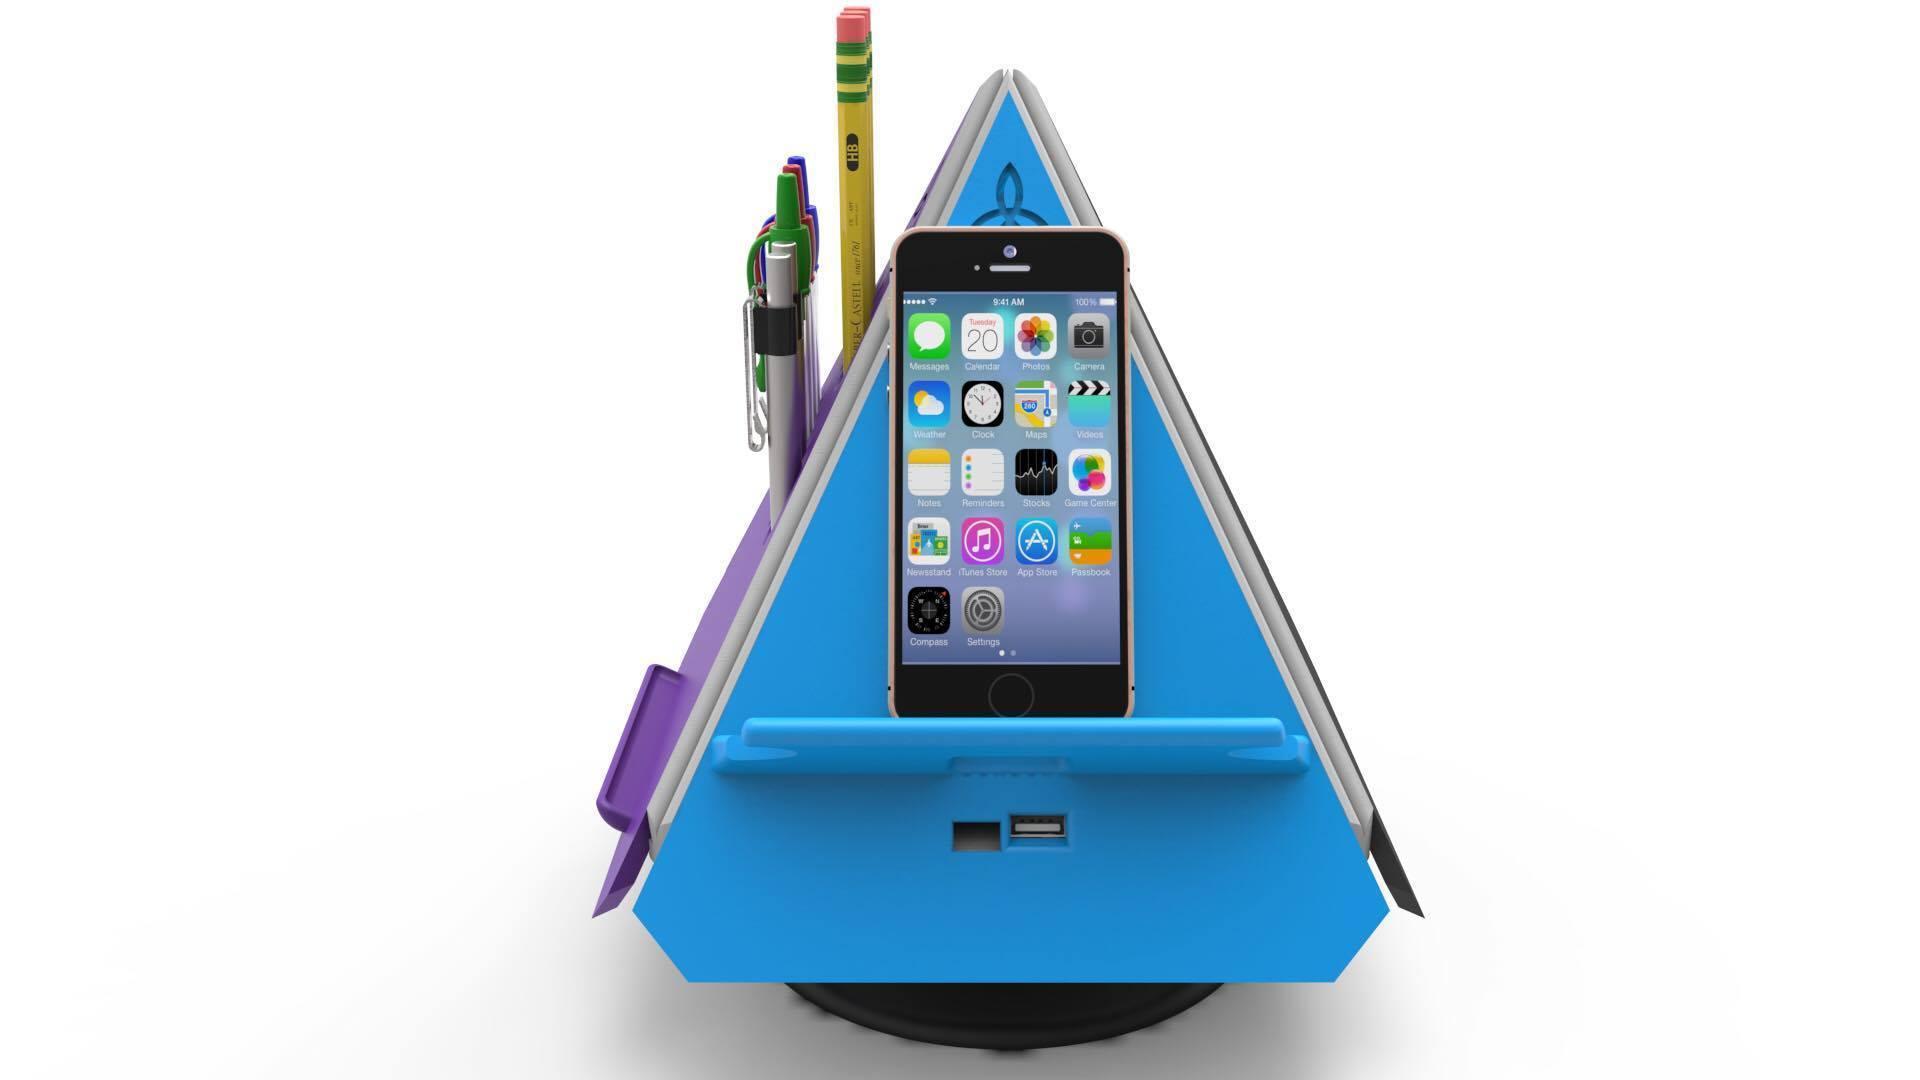 22292414_1458263564249589_1536827560_o.jpg Download free STL file Prism - Smart Desk Assistant • 3D print model, TrinityCraftsInc